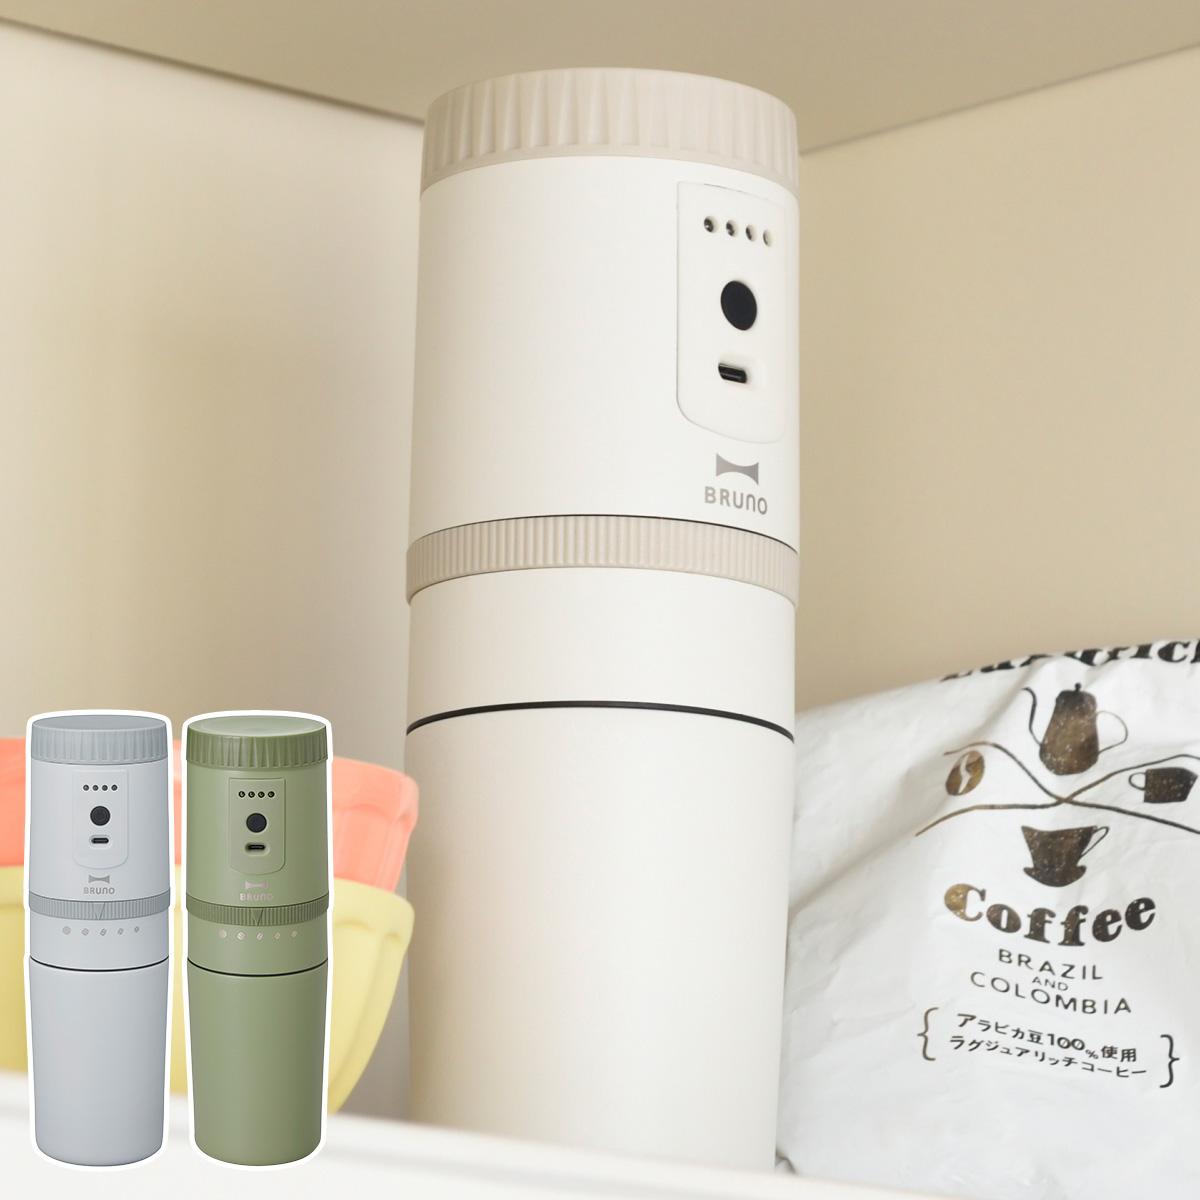 送料無料 あす楽対応 格安 ブルーノ BRUNO コーヒーメーカー 電動ミル 電動コーヒーミル cpng BOE080 カーキ コンパクト 自動 (人気激安) 保温 ベージュ アウトドア ステンレス 充電式